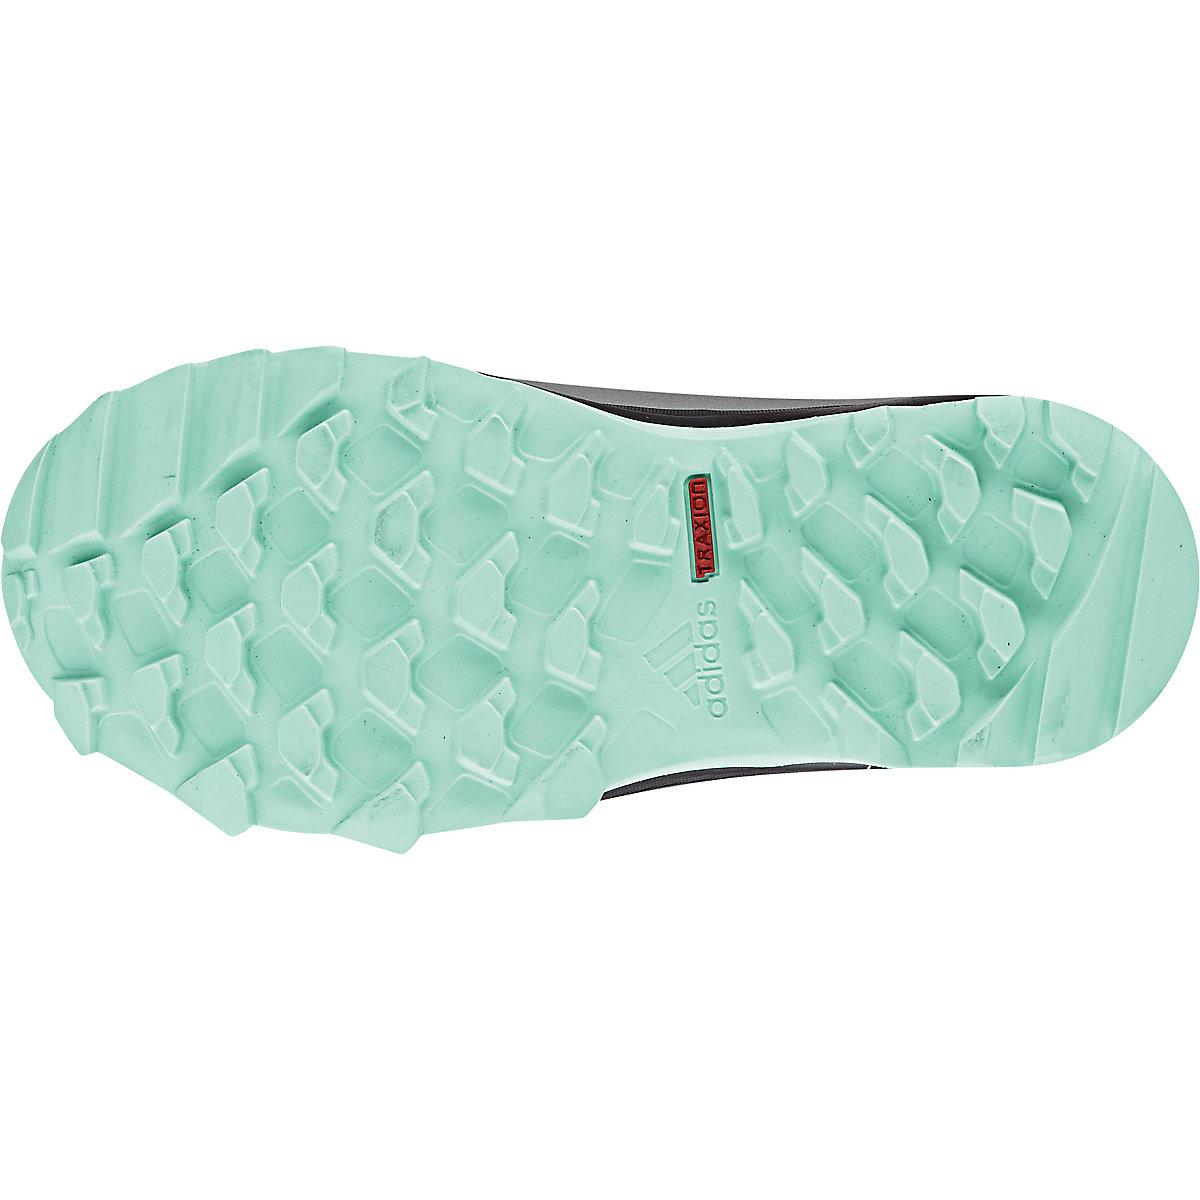 K Cp Kinder Adidas Cw Terrex Winterschuhe Snow Schuh A35LR4j